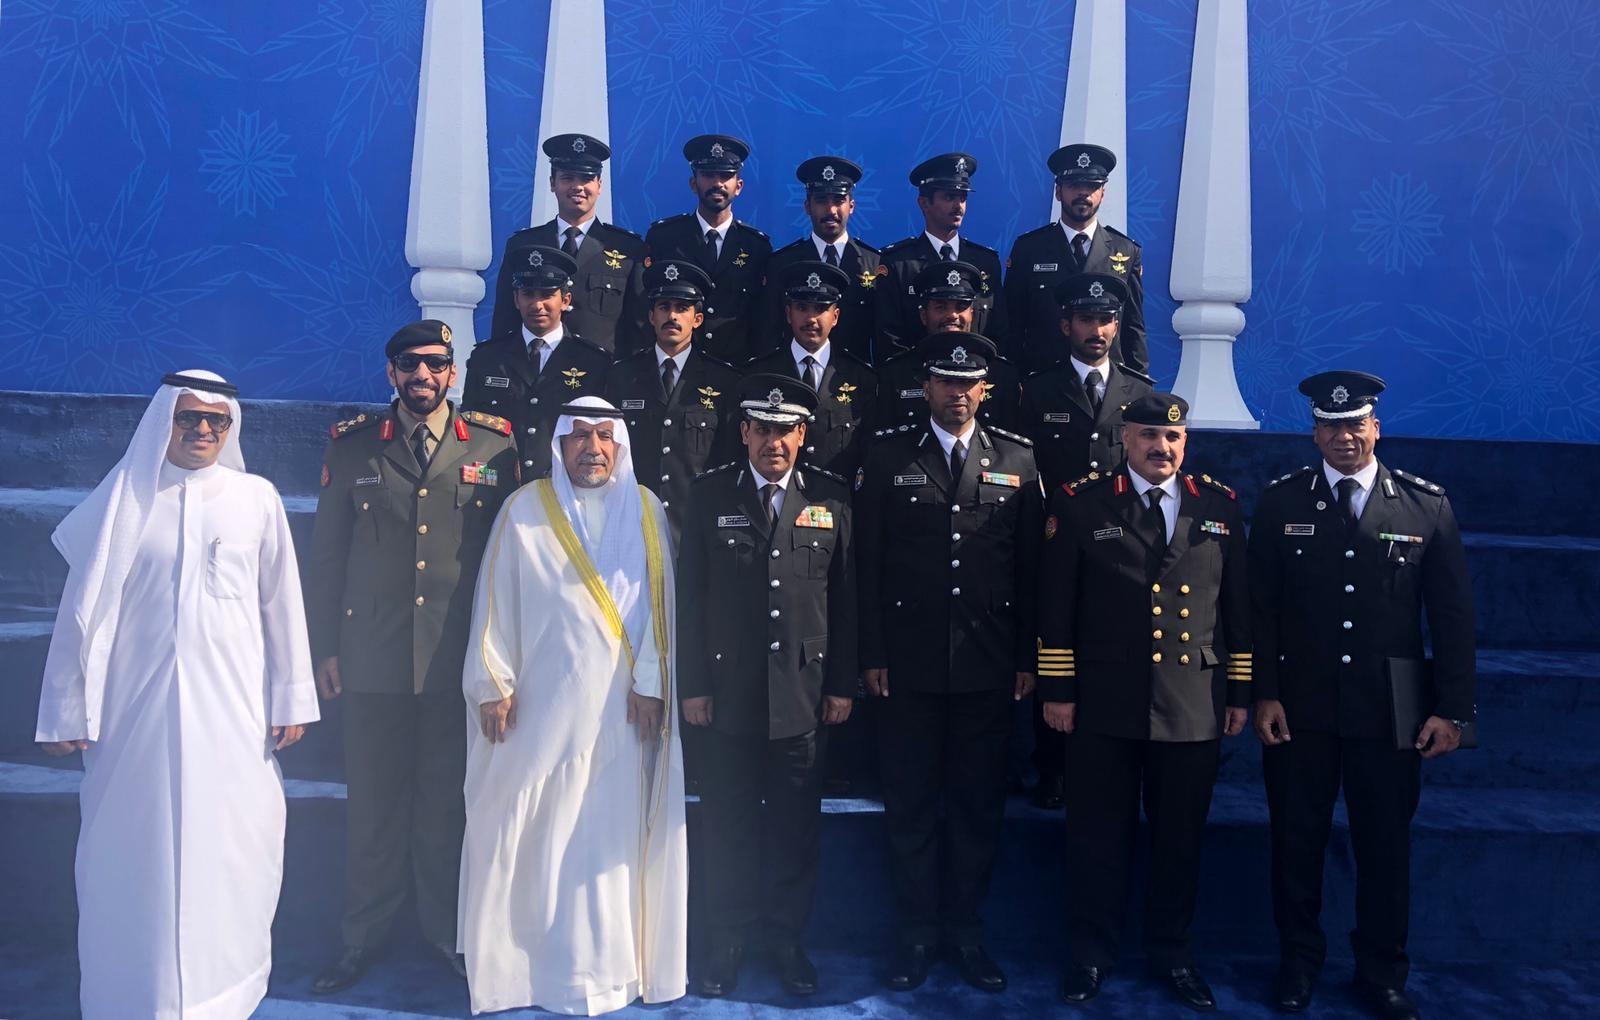 """وكيل """"الداخلية"""": ضرورة توحيد الجهود أمام التحديات الأمنية التي تواجه الدول الخليجية"""